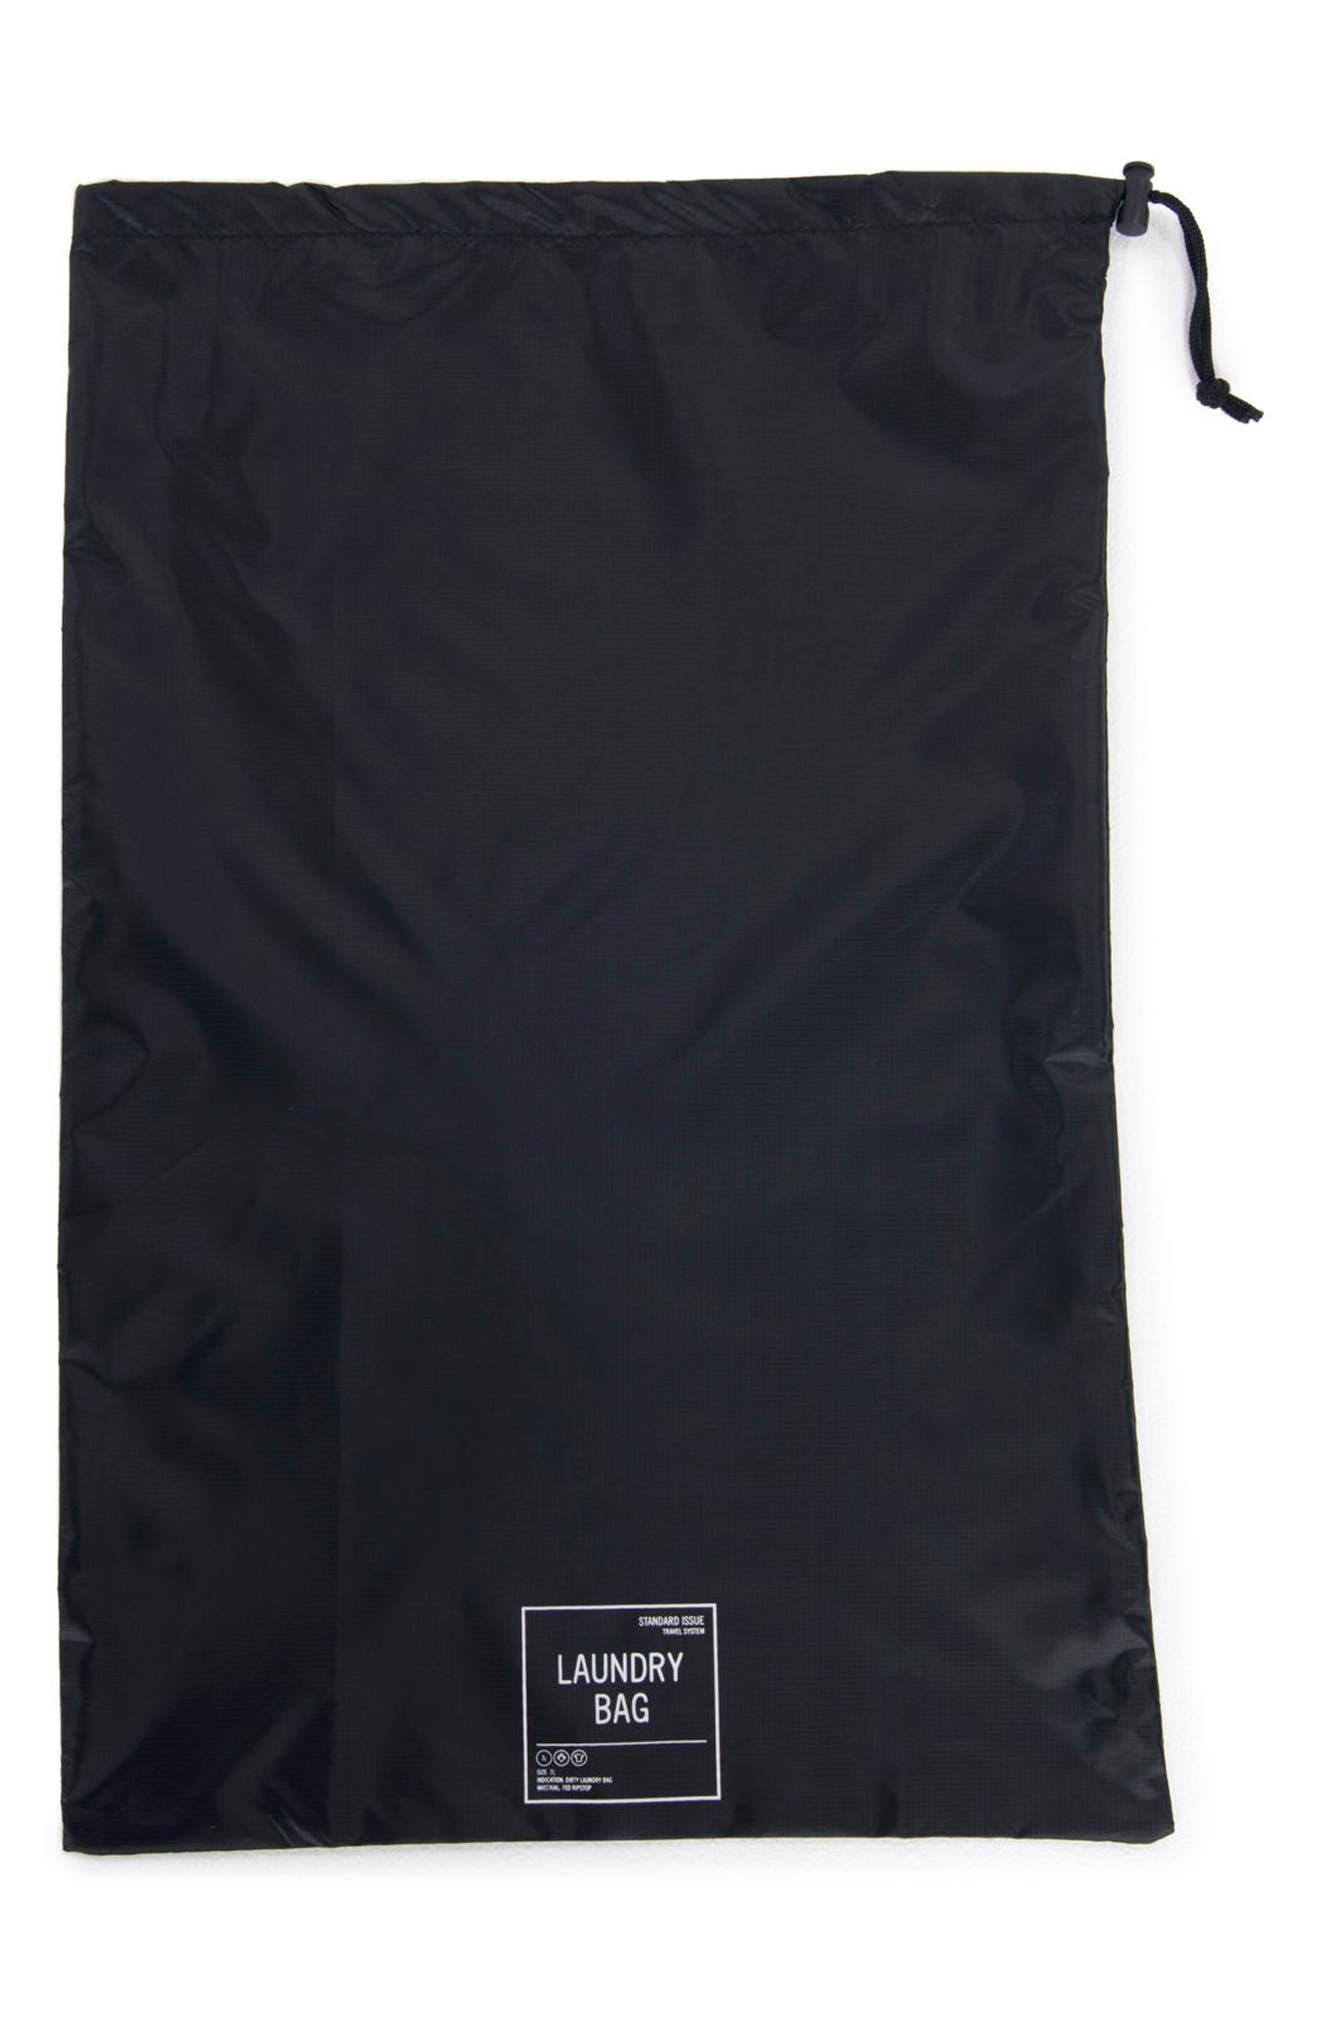 Laundry Bag Set,                             Alternate thumbnail 2, color,                             BLACK